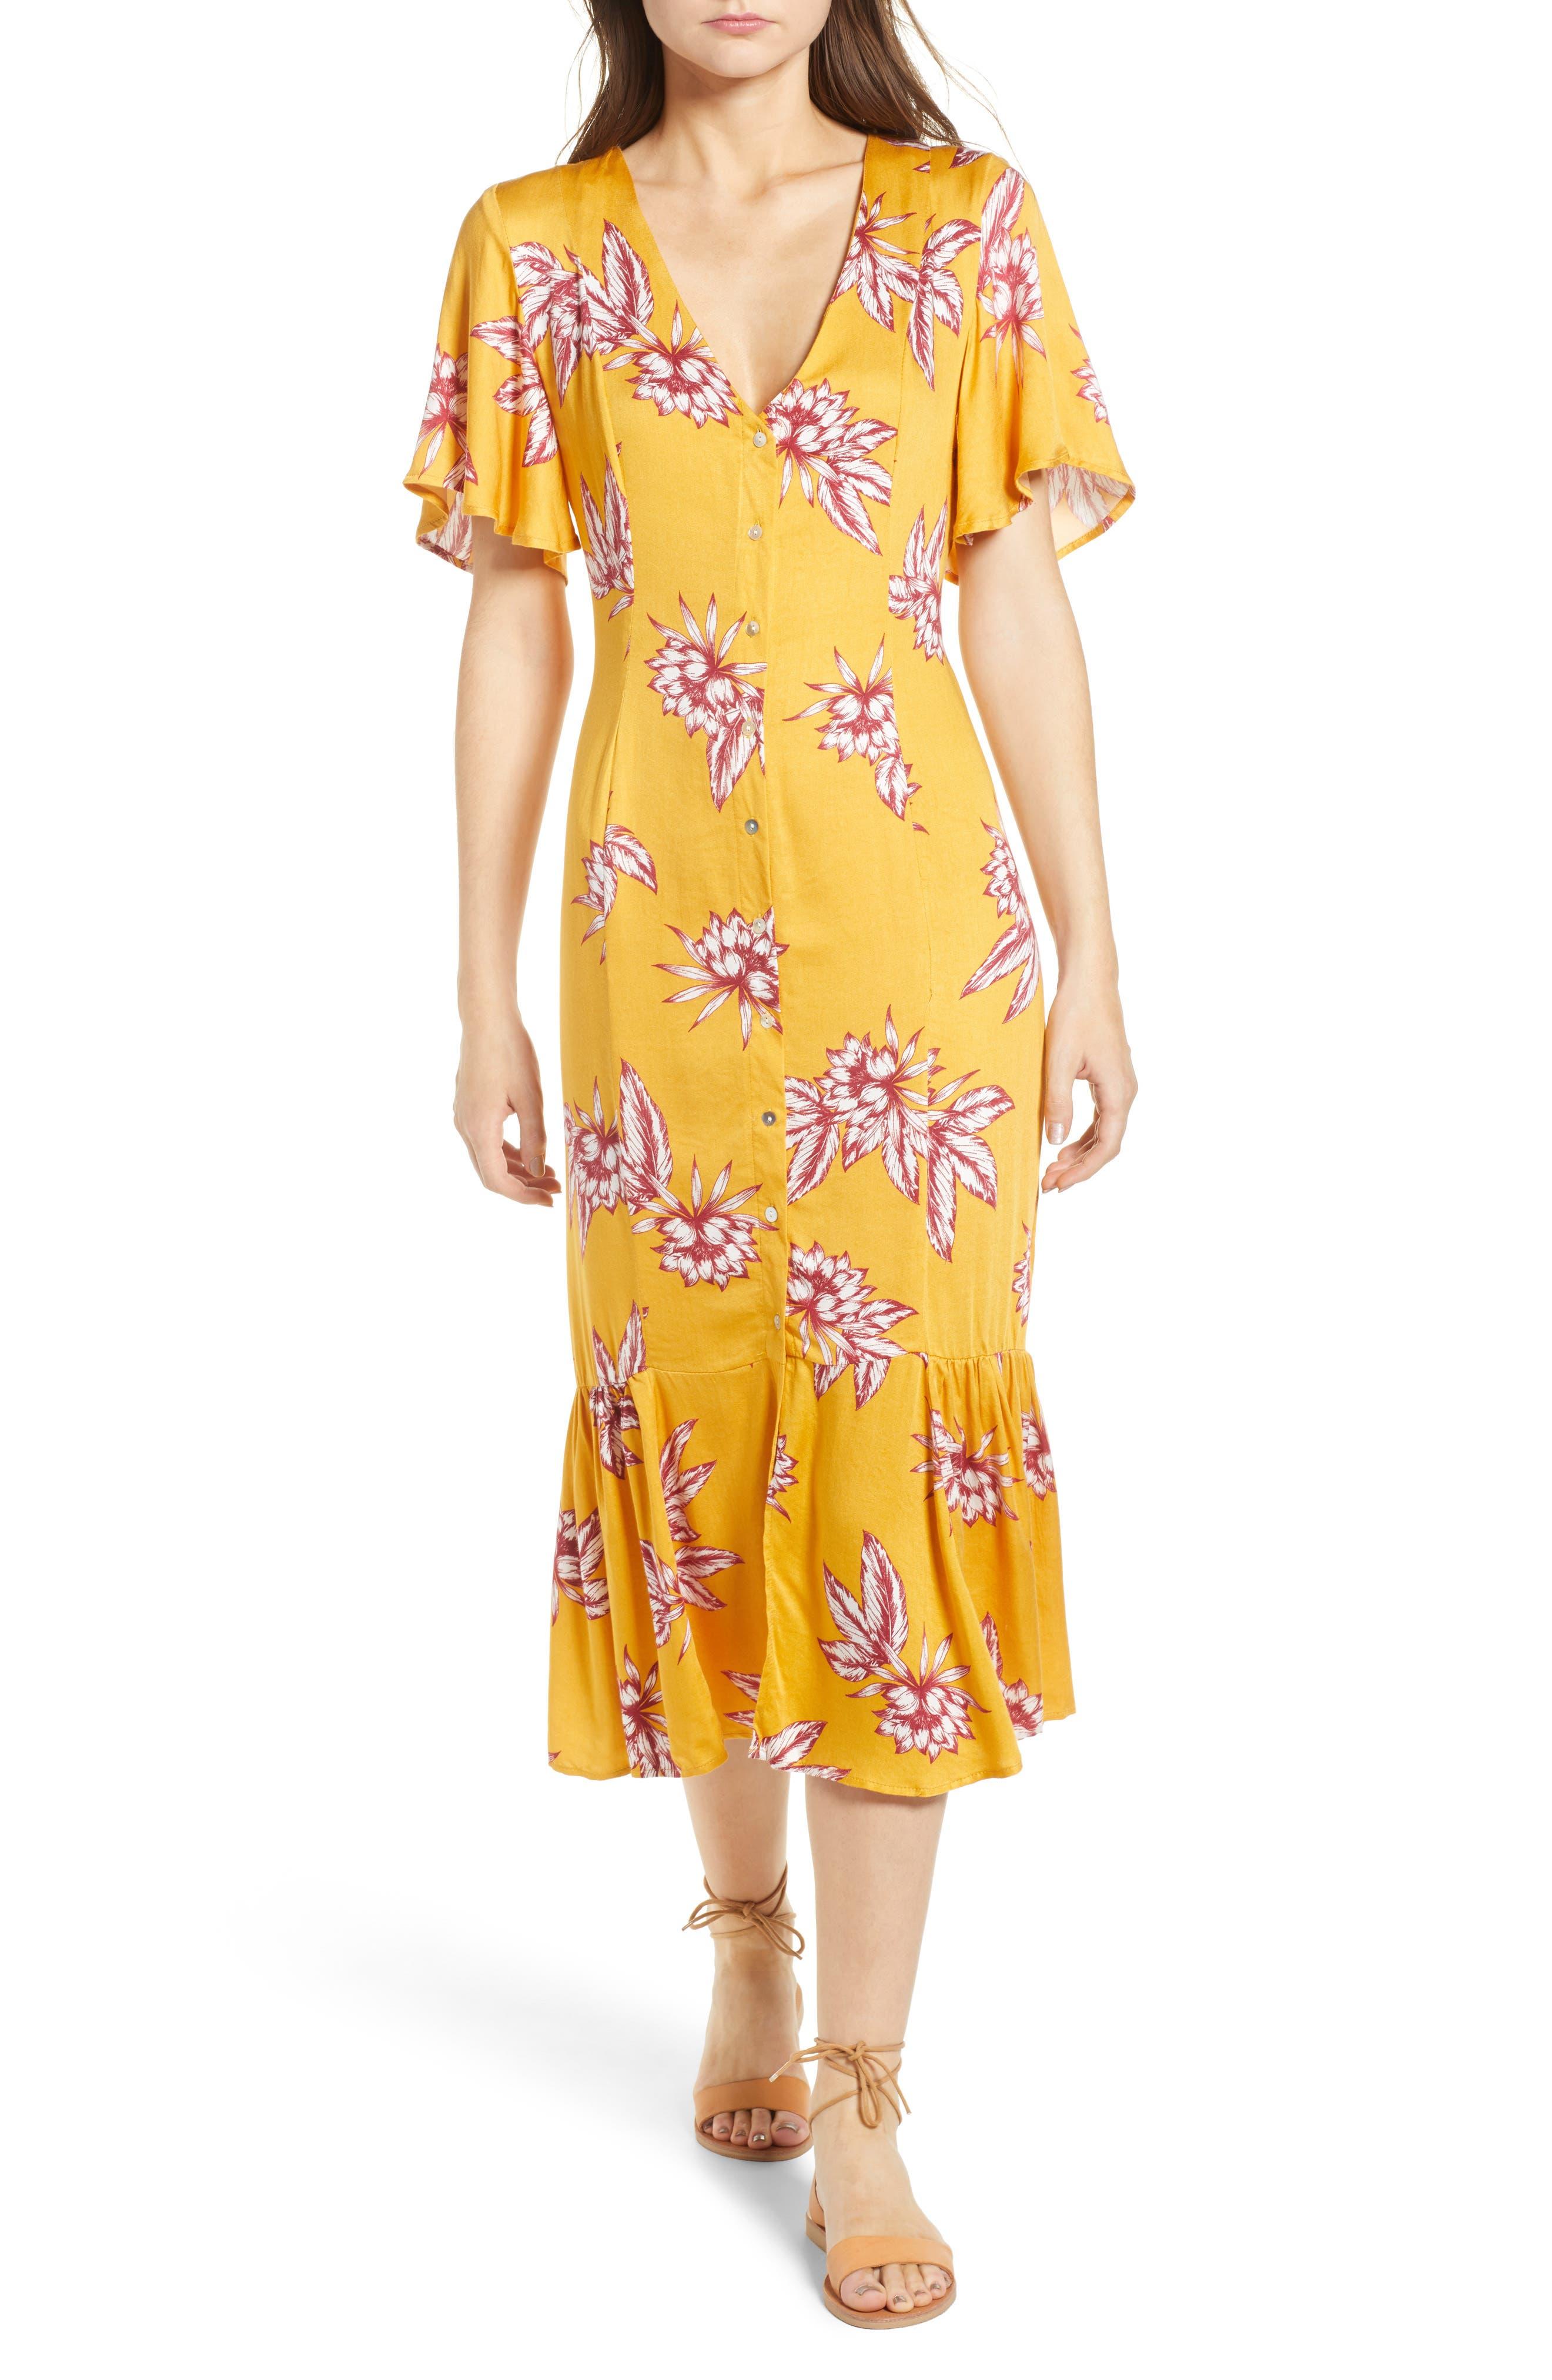 Searing Soul Midi Dress,                             Main thumbnail 1, color,                             701